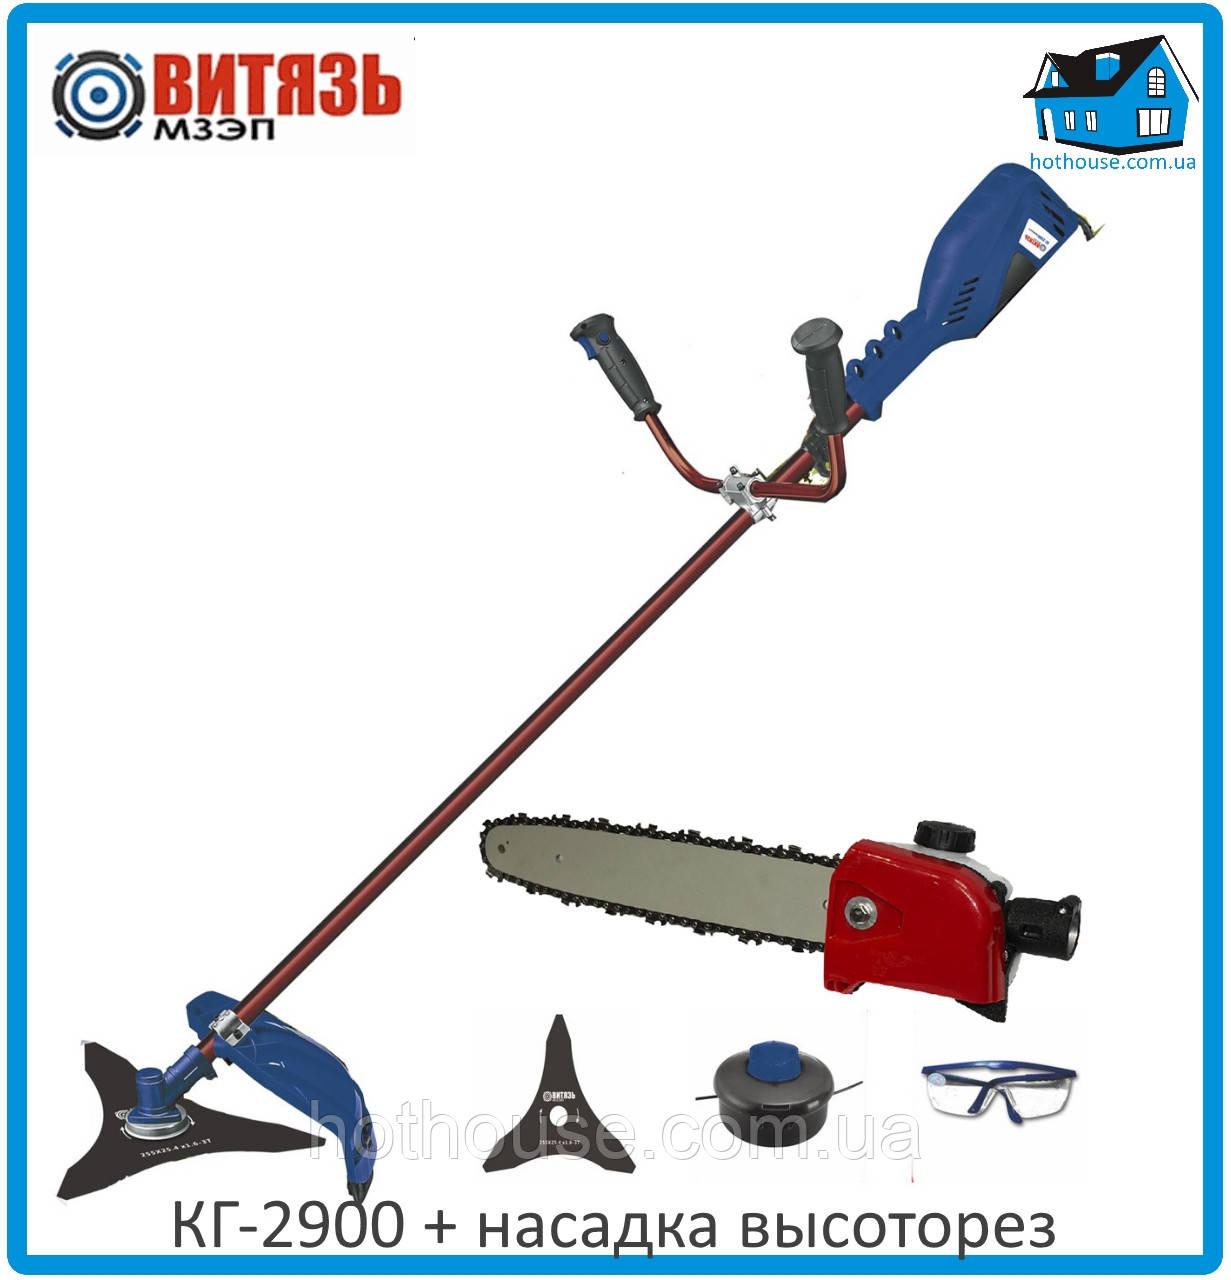 Электрическая коса Витязь КГ-2900 + насадка высоторез